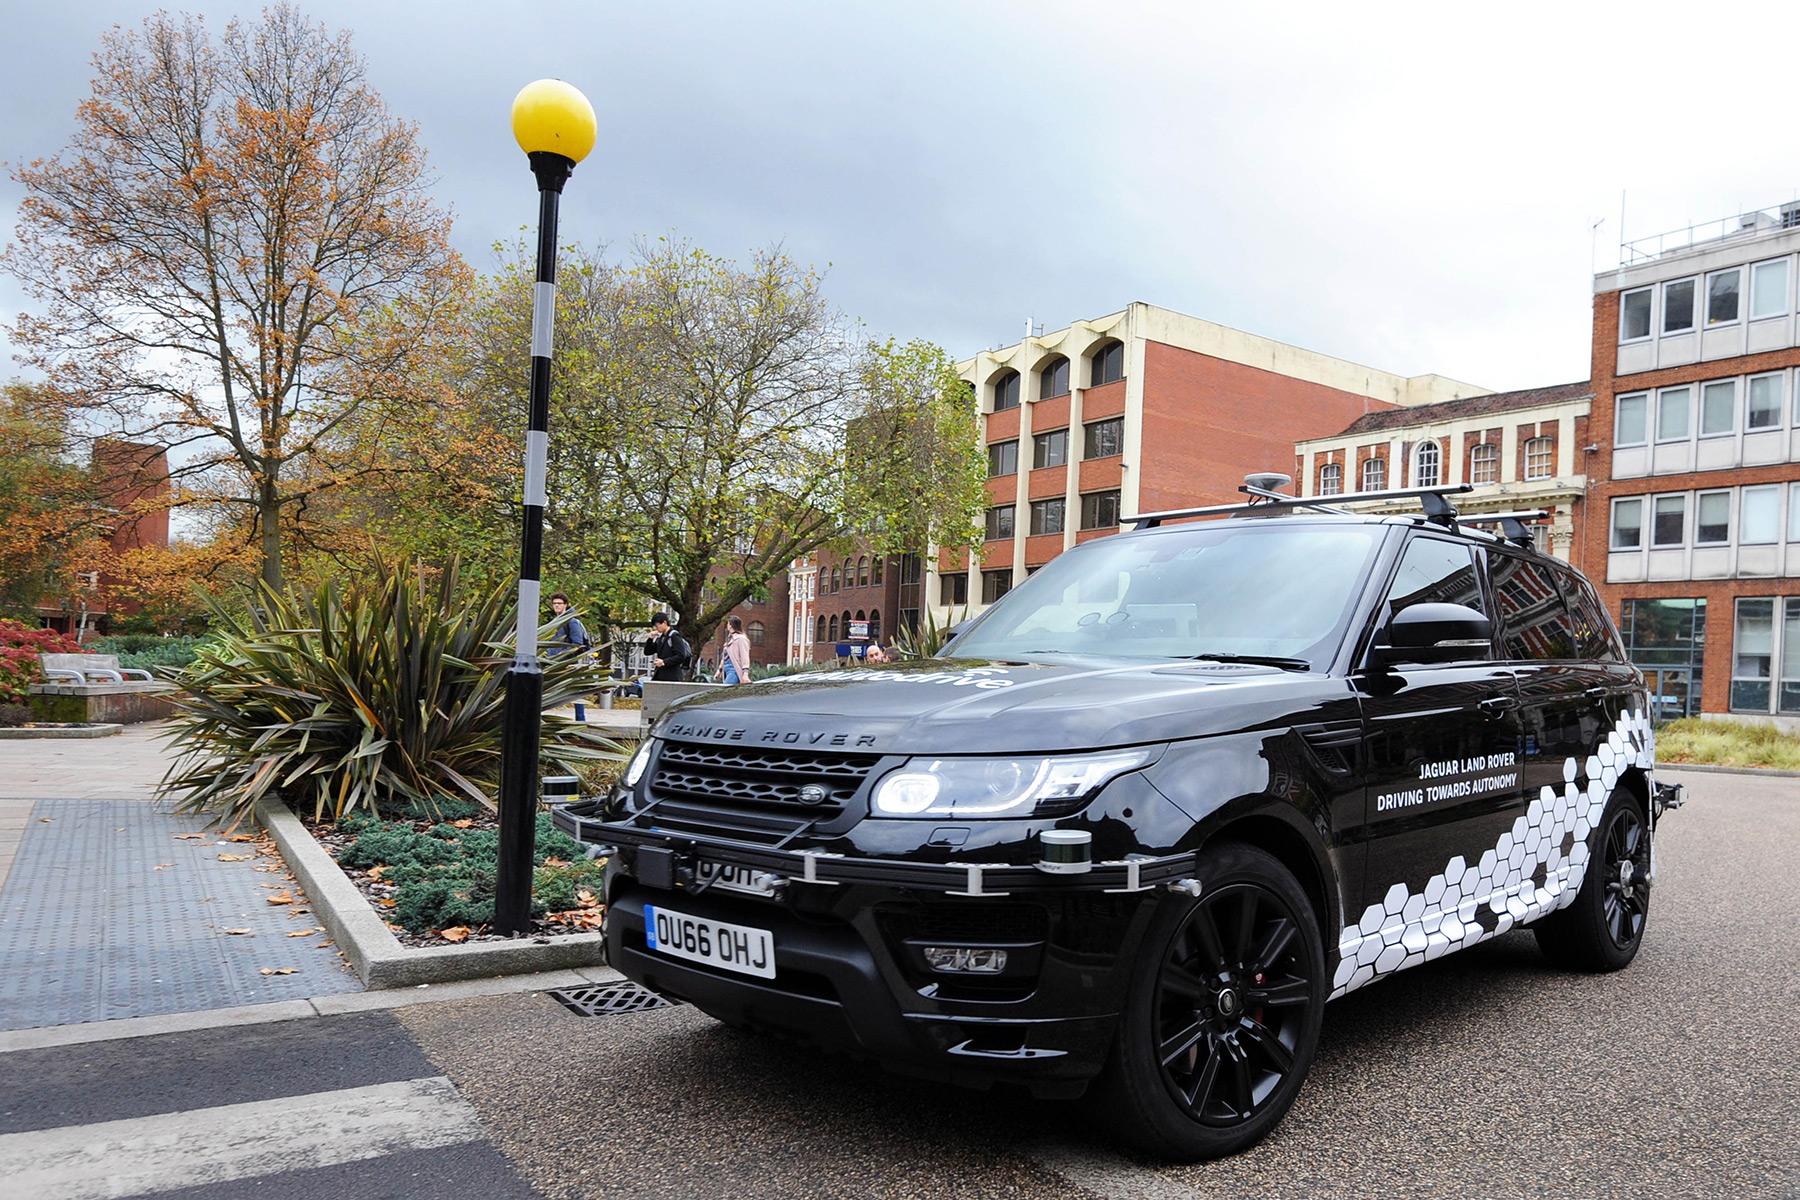 Driverless cars take to United Kingdom roads